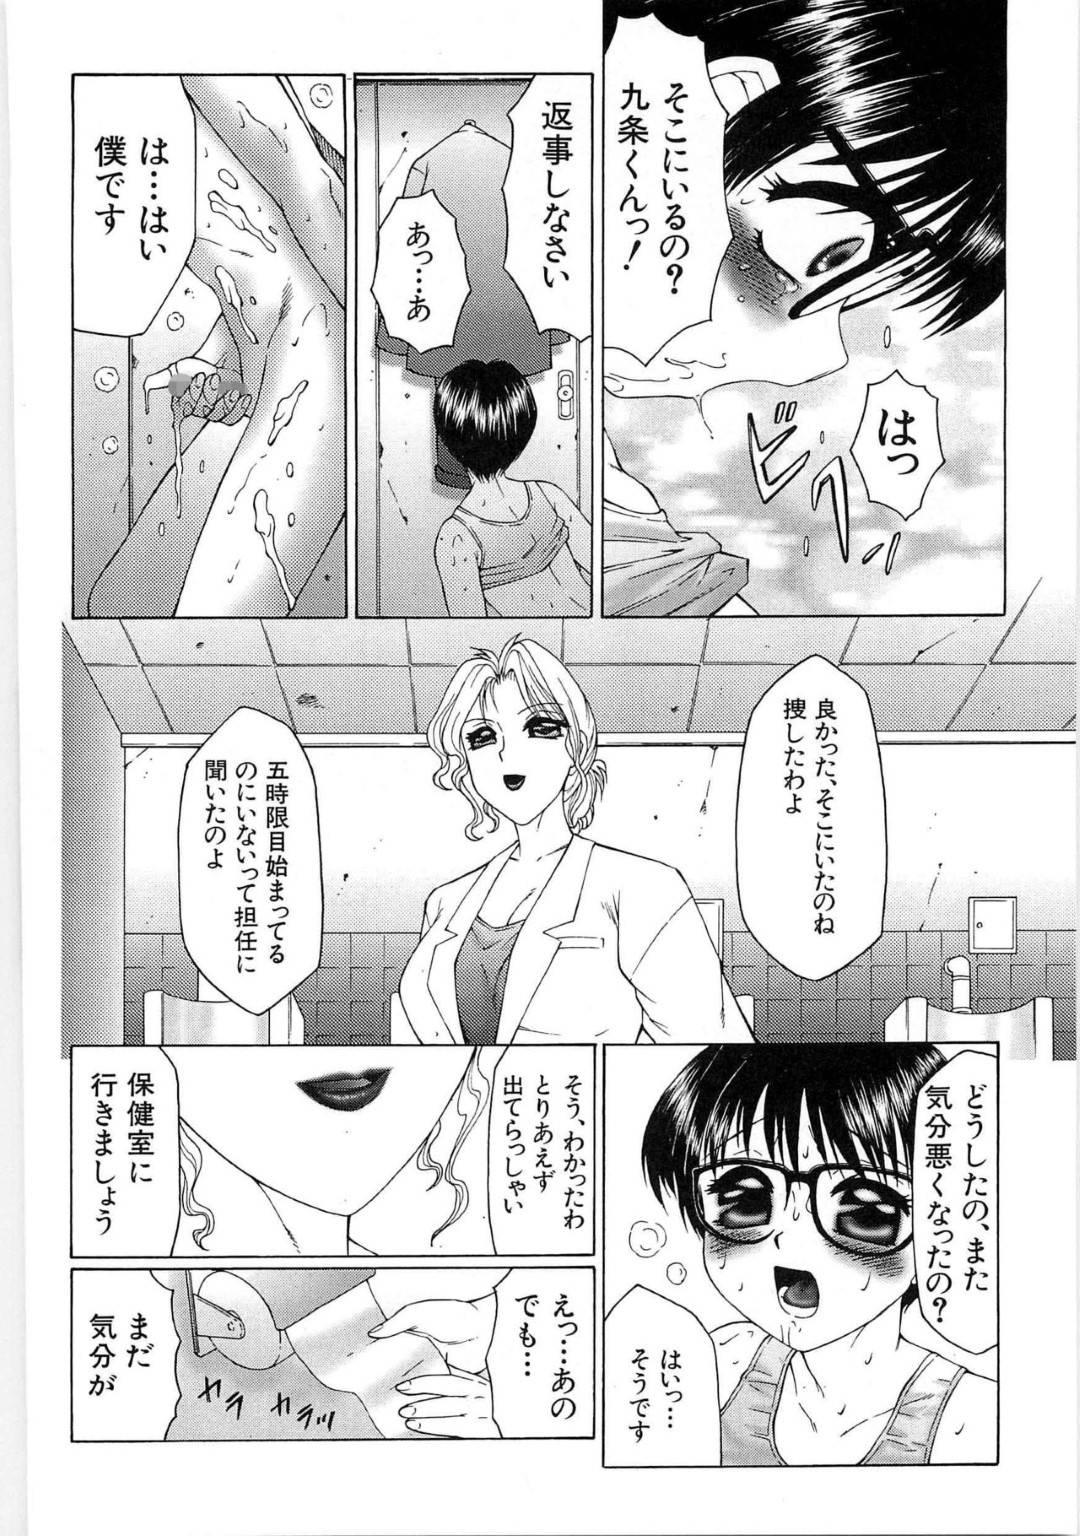 【エロ漫画】ユキオがオナニーしている所を見つける保健医...トイレでオナニーをしているユキオの元に来た先生は出てくるように伝えると保健室に連れて行き乳首を焦らしながら刺激する【風船クラブ:リビドーY 第5話】